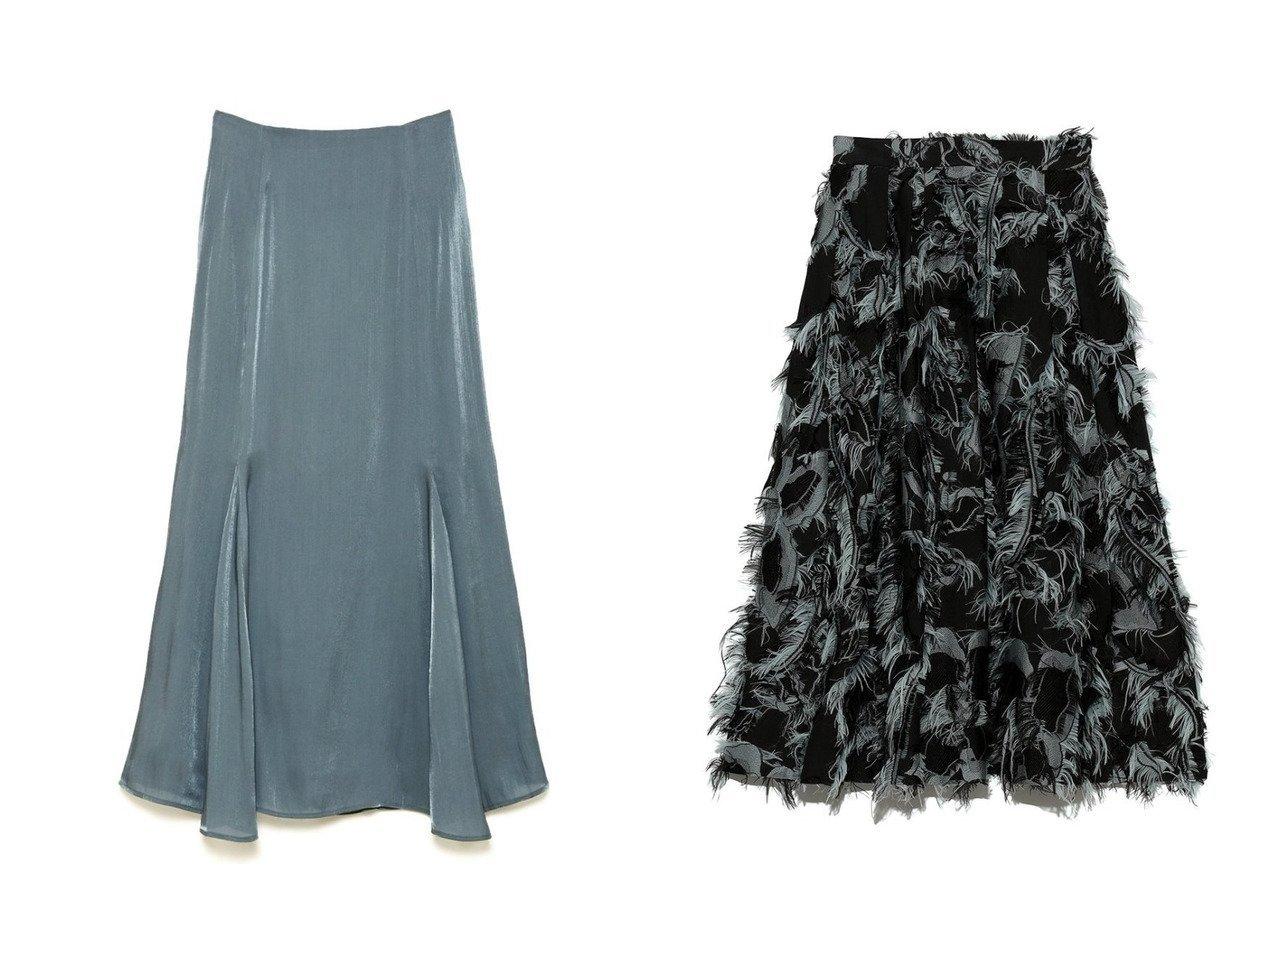 【CELFORD/セルフォード】のカットジャガードスカート&光沢シアーフレアスカート 【スカート】おすすめ!人気、トレンド・レディースファッションの通販 おすすめで人気の流行・トレンド、ファッションの通販商品 インテリア・家具・メンズファッション・キッズファッション・レディースファッション・服の通販 founy(ファニー) https://founy.com/ ファッション Fashion レディースファッション WOMEN スカート Skirt Aライン/フレアスカート Flared A-Line Skirts ロングスカート Long Skirt NEW・新作・新着・新入荷 New Arrivals シャーリング フィット マーメイド ランダム キュプラ フリンジ モチーフ ロング |ID:crp329100000069615